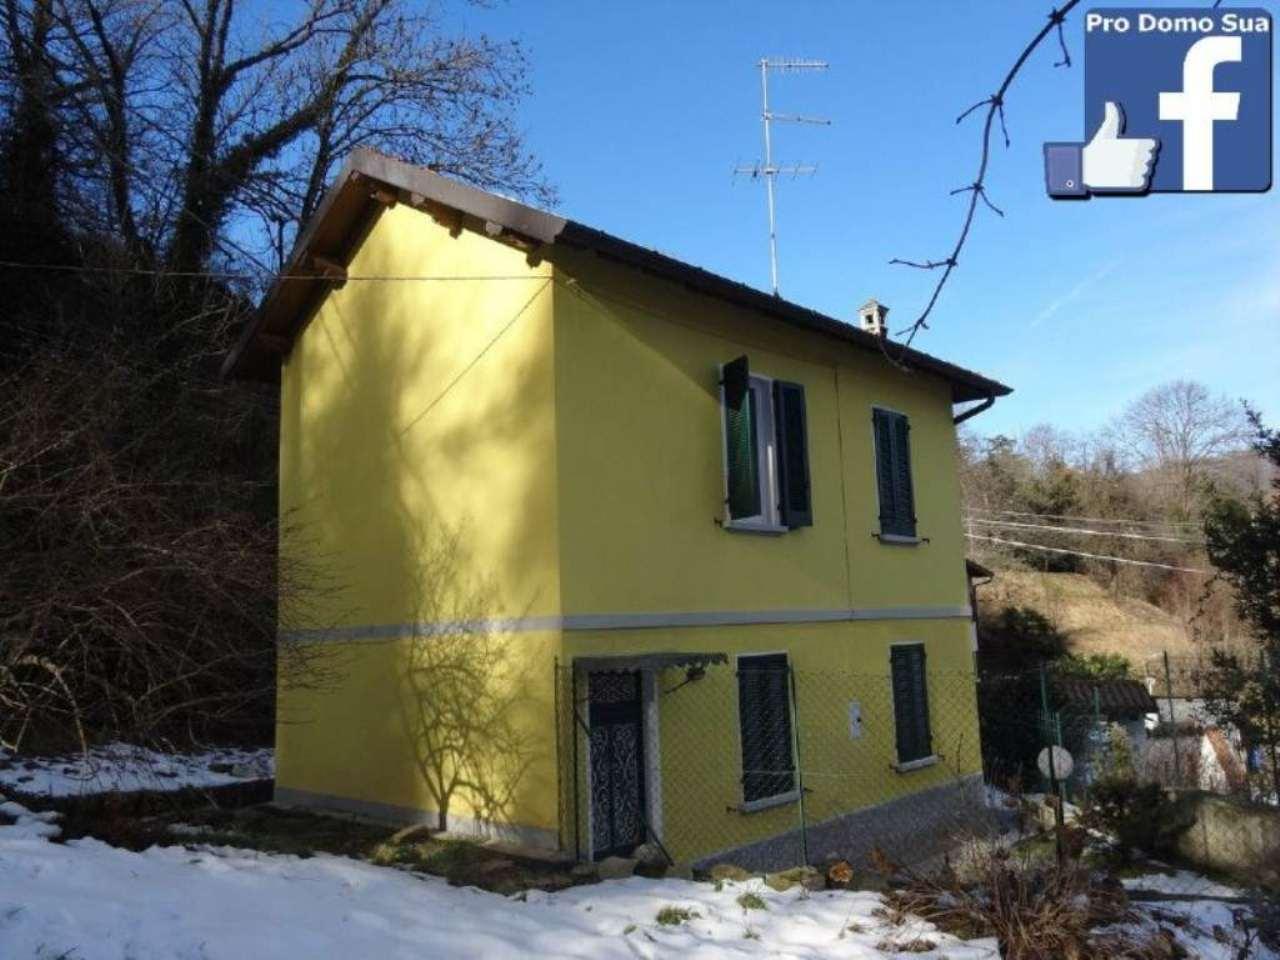 Villa in vendita a Cassano Valcuvia, 4 locali, prezzo € 150.000 | Cambio Casa.it